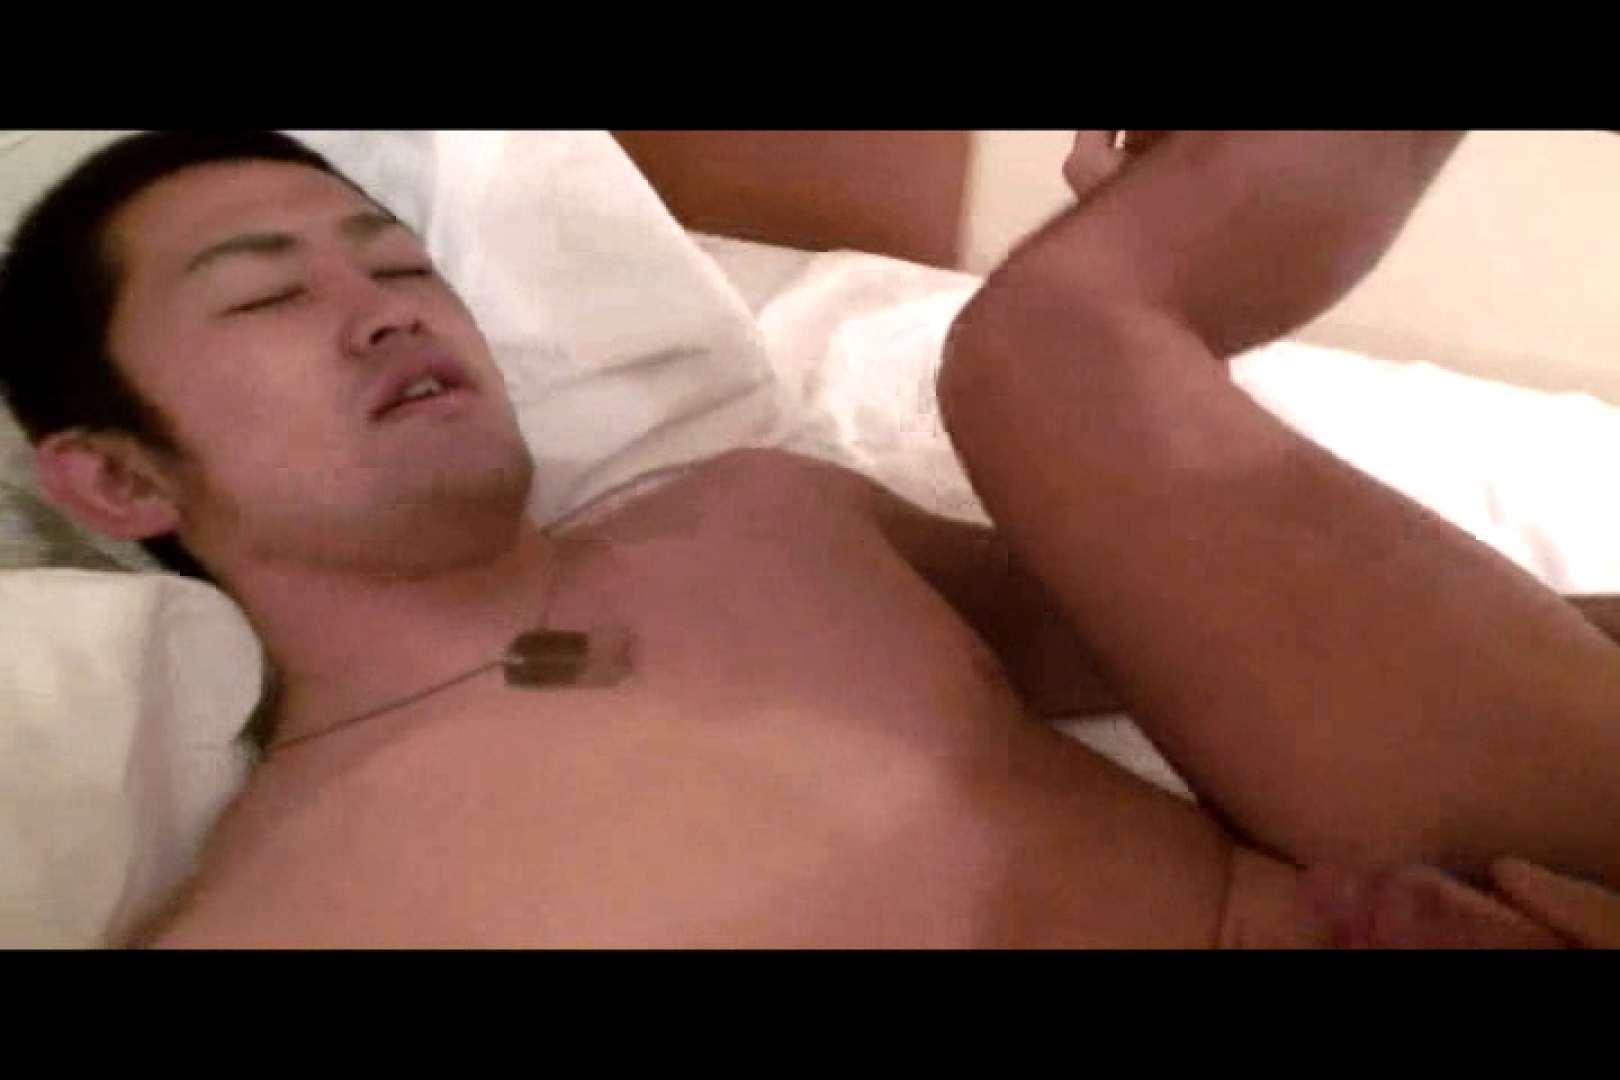 イケメンモッコリウォッチング!!No.07 フェチ色々 | 男天国  86pic 10